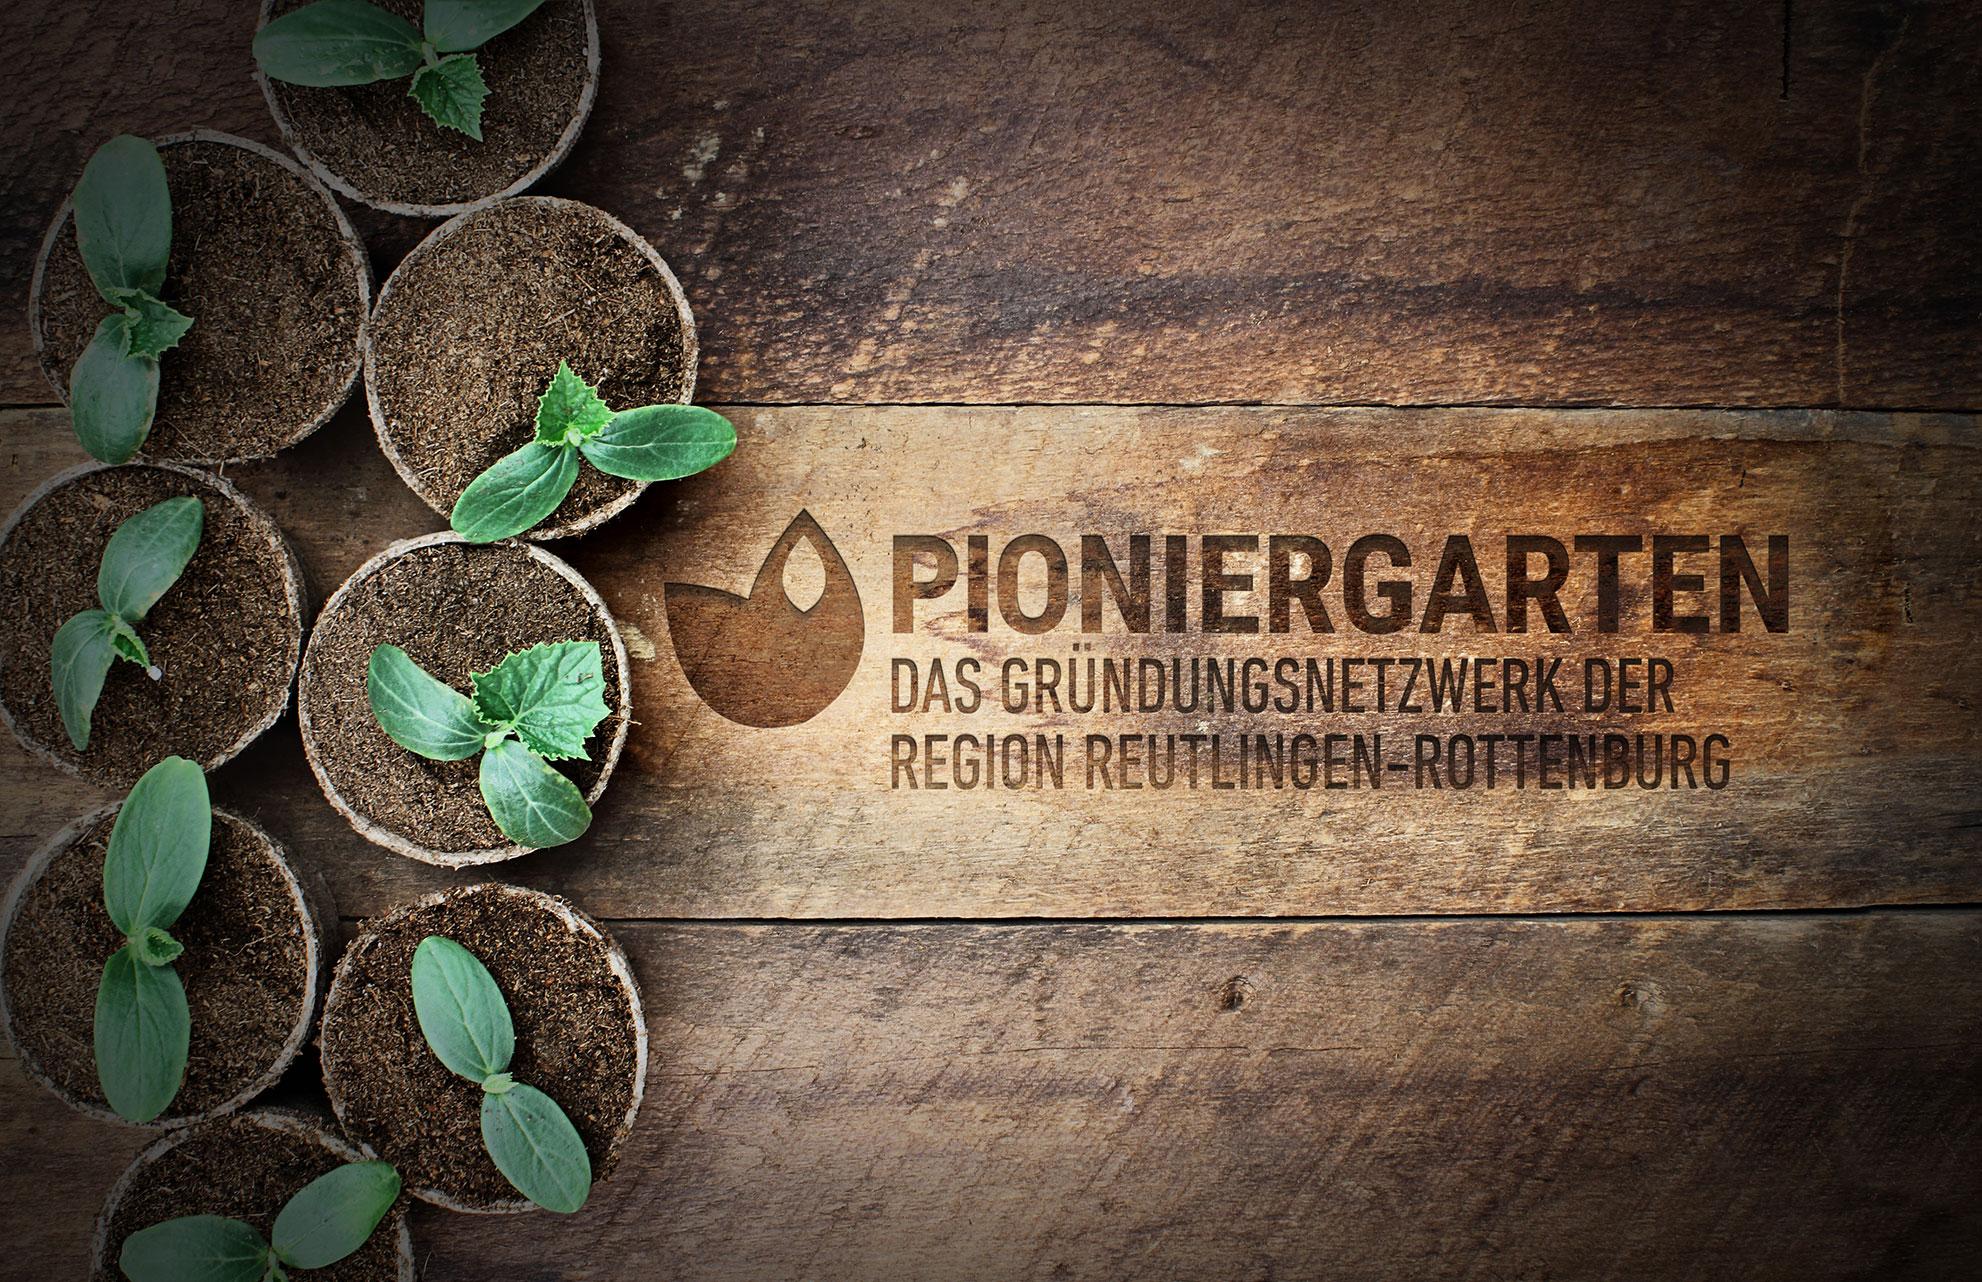 Pioniergarten